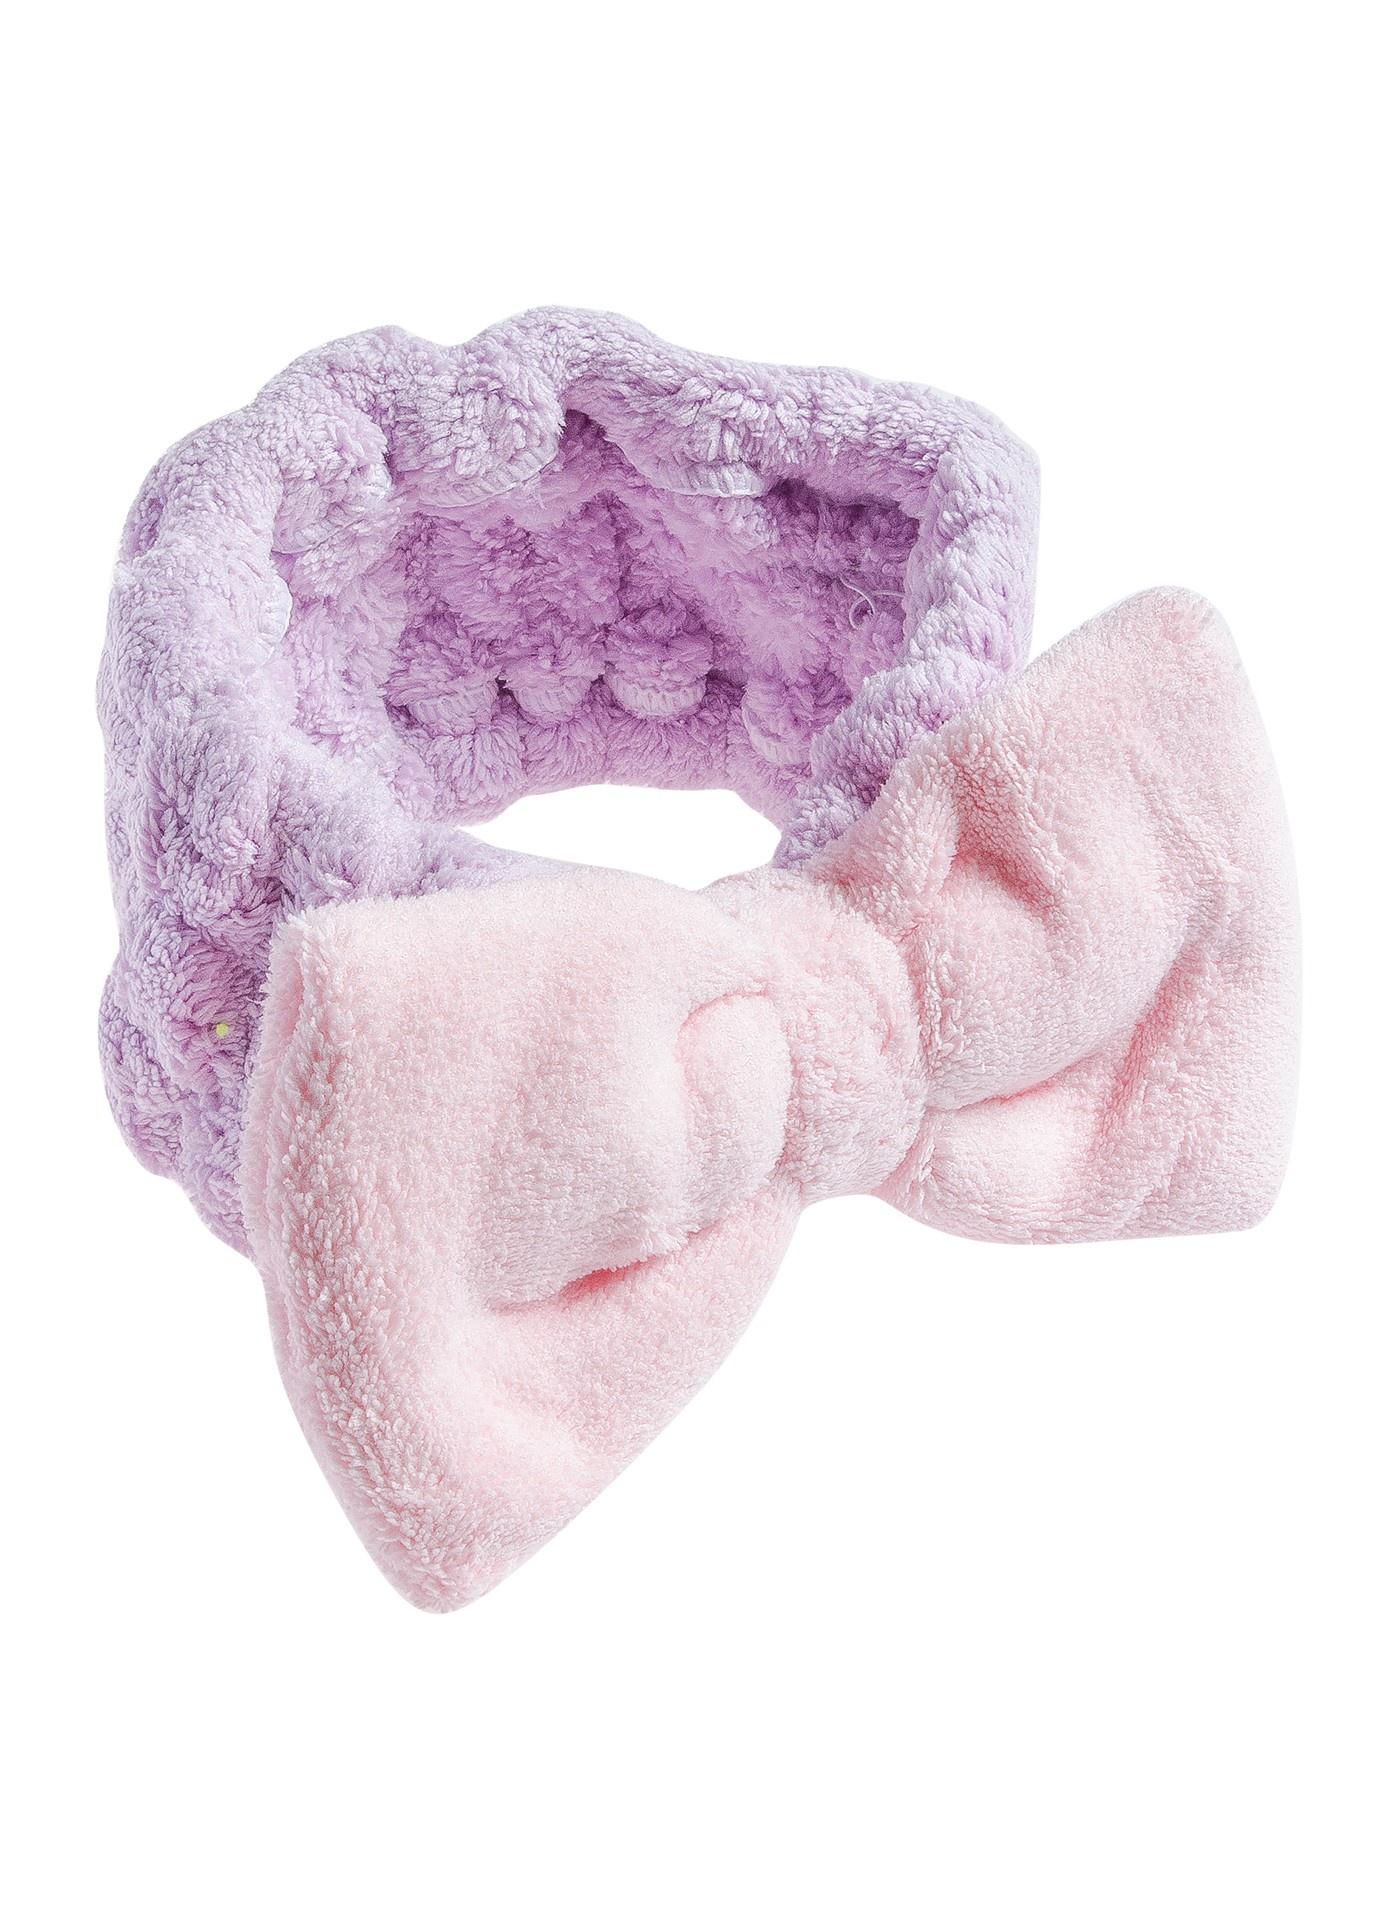 Повязка для волос Aiyony Macie, AH808044, розовыйAH808044Размер 36 х 8,5 см. Растягивается. Состав: текстиль